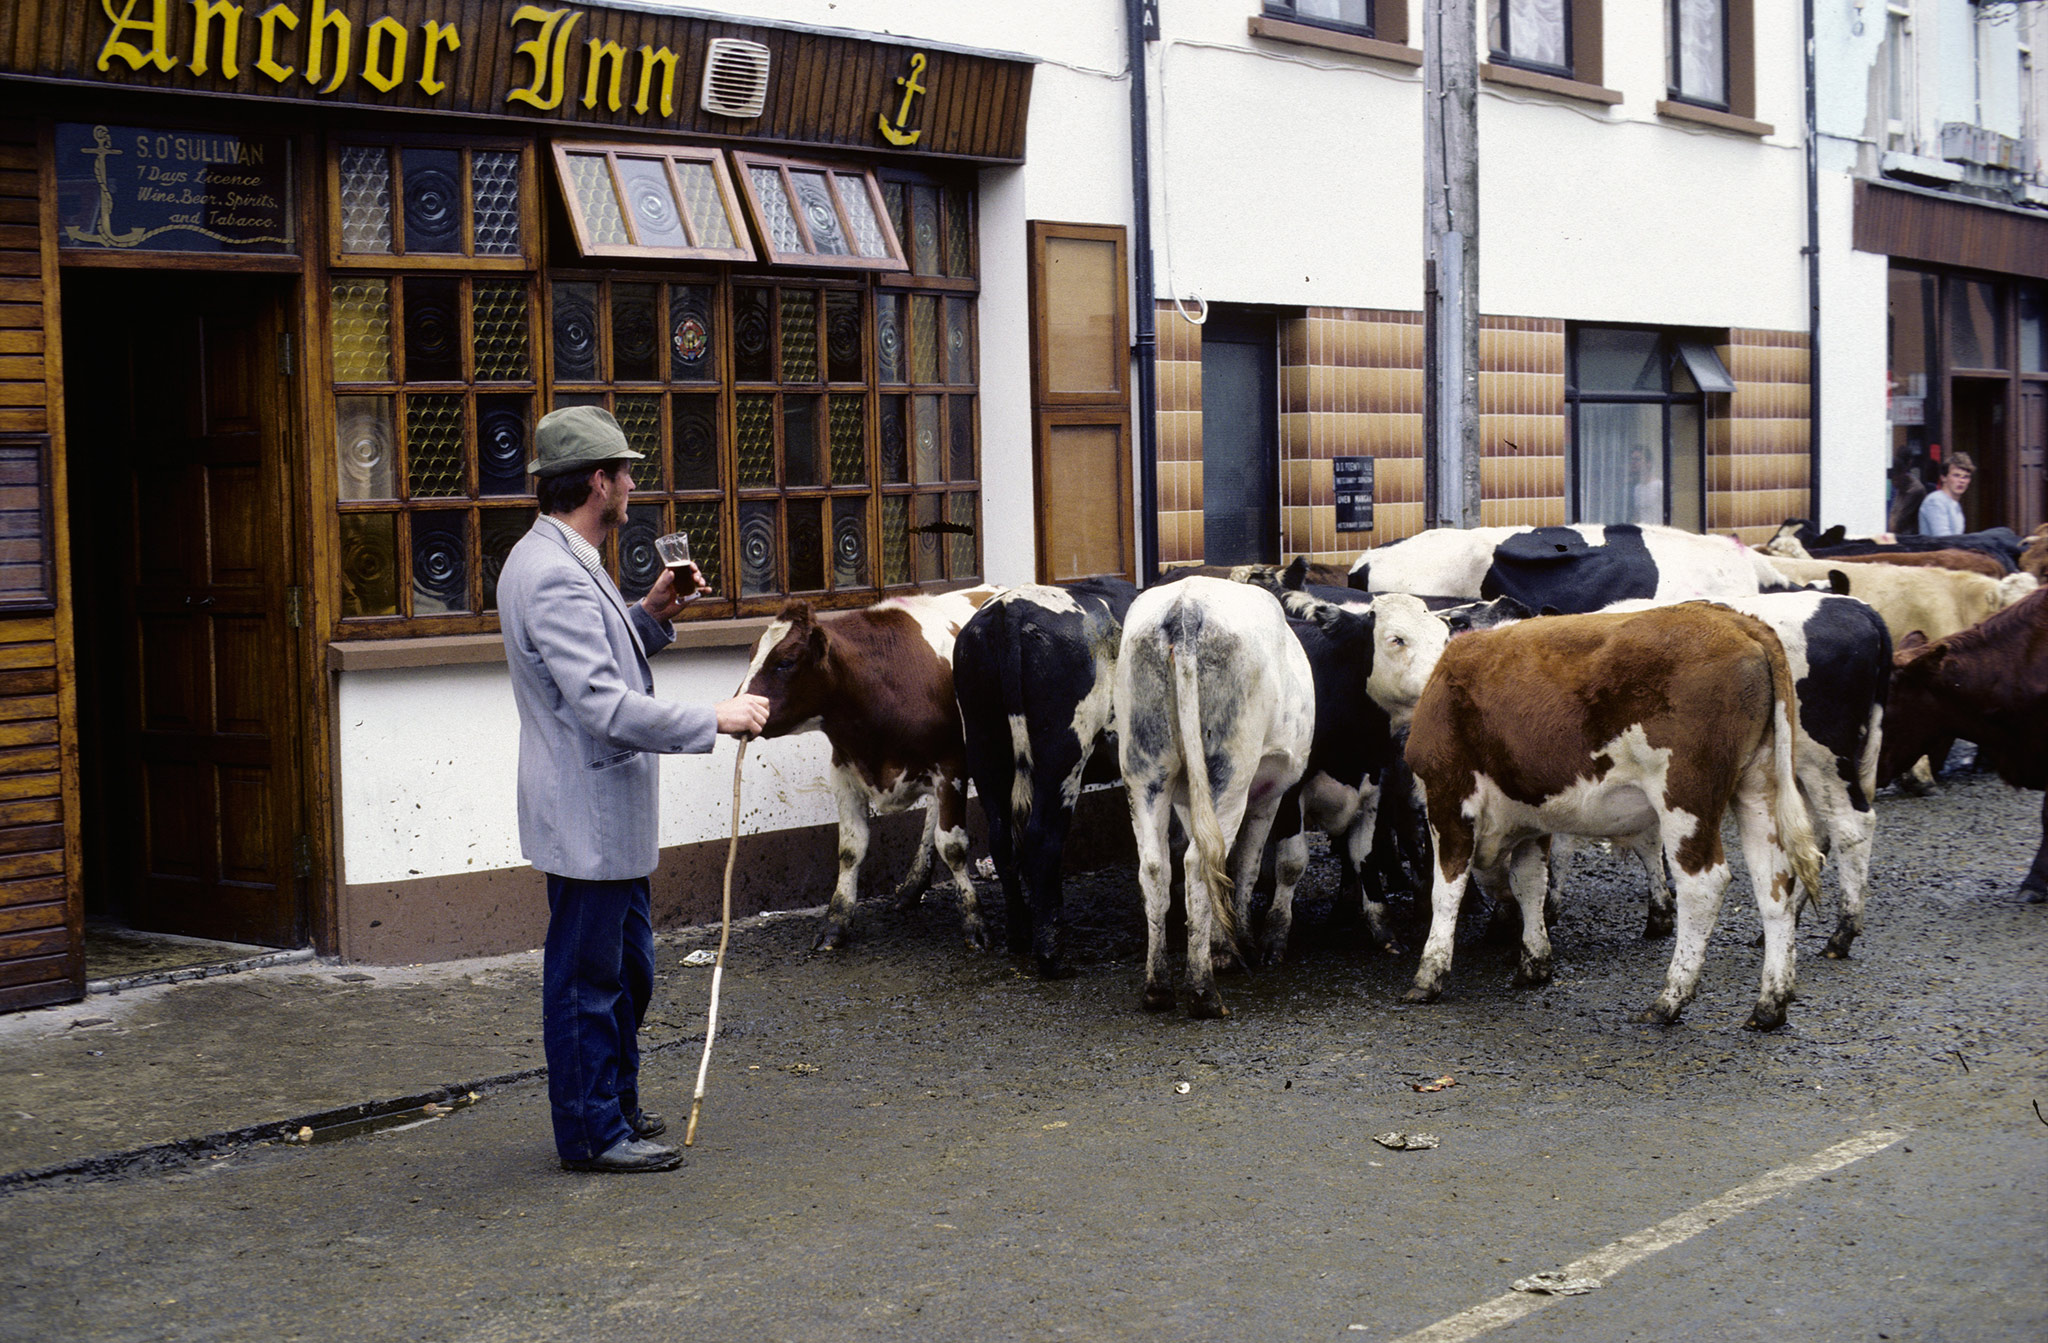 Depuis, chaque année au mois d'août, Killorglin est en fête : fermiers et marchands de bestiaux des environs s'y rendent pendant trois jours pour la Puck Fair (an Puca, bouc en gaélique), qui accompagne la foire aux bestiaux. En effet, un bouc est couronné roi de la fête et hissé sur une estrade d'où, abondamment nourri et abreuvé, il préside pendant les trois jours des festivités.